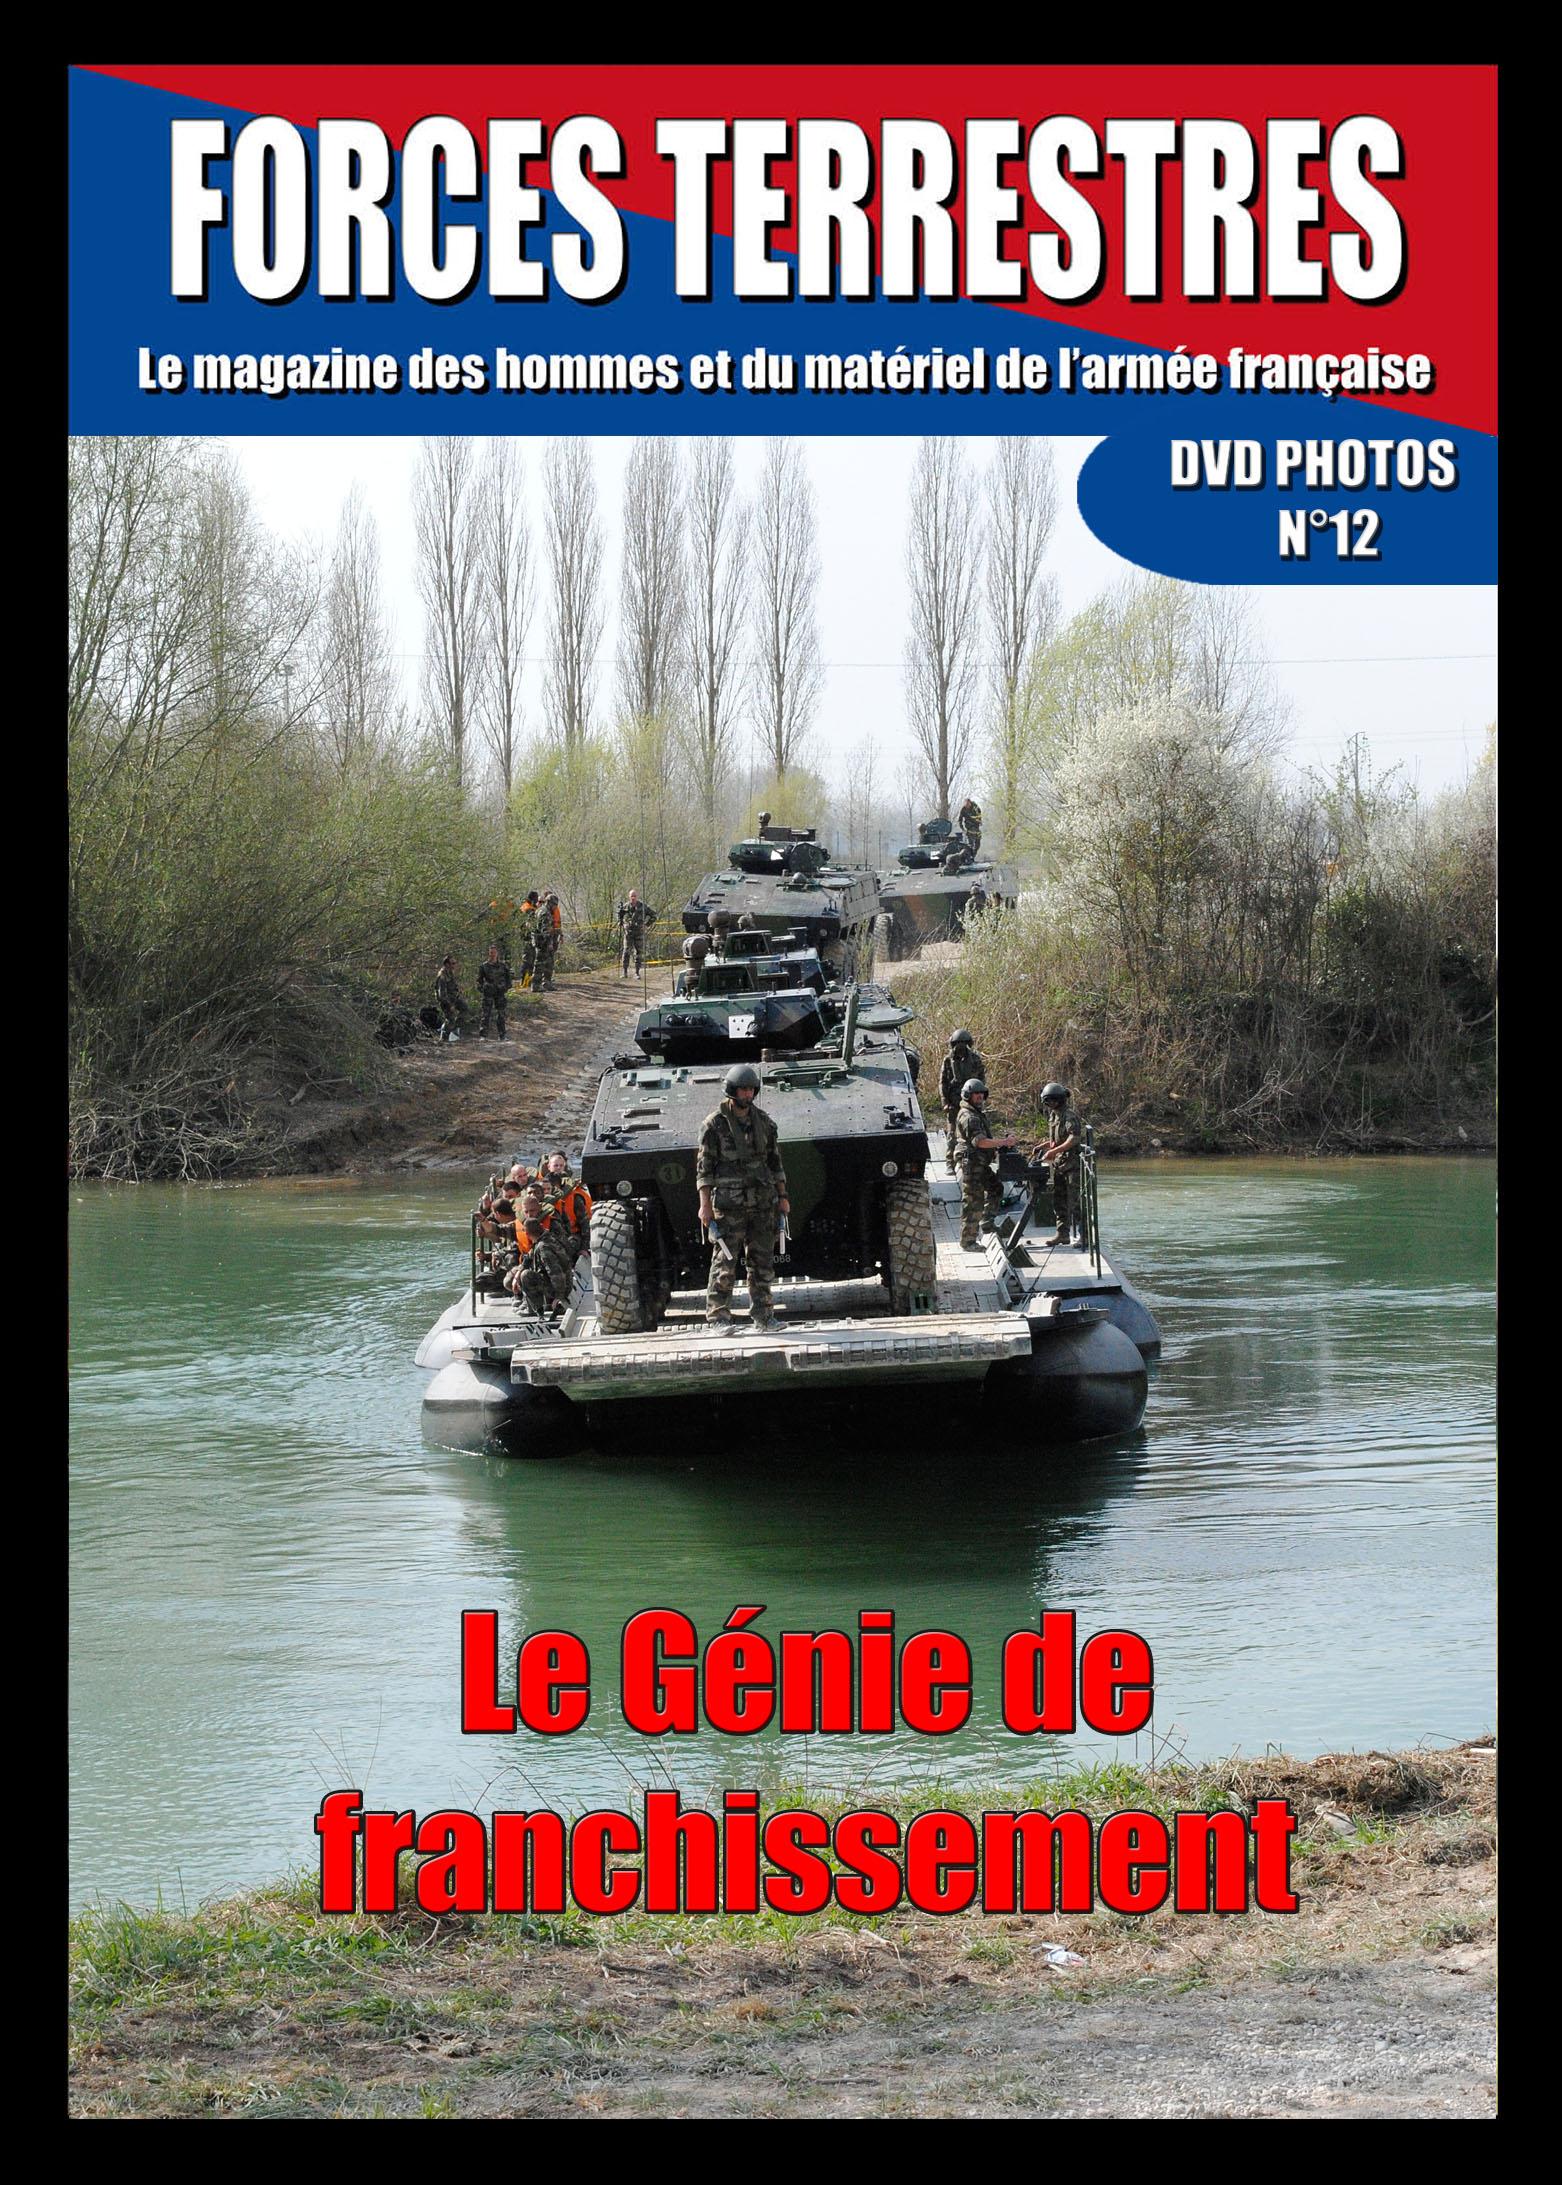 DVD  N°12 Génie de Franchissement